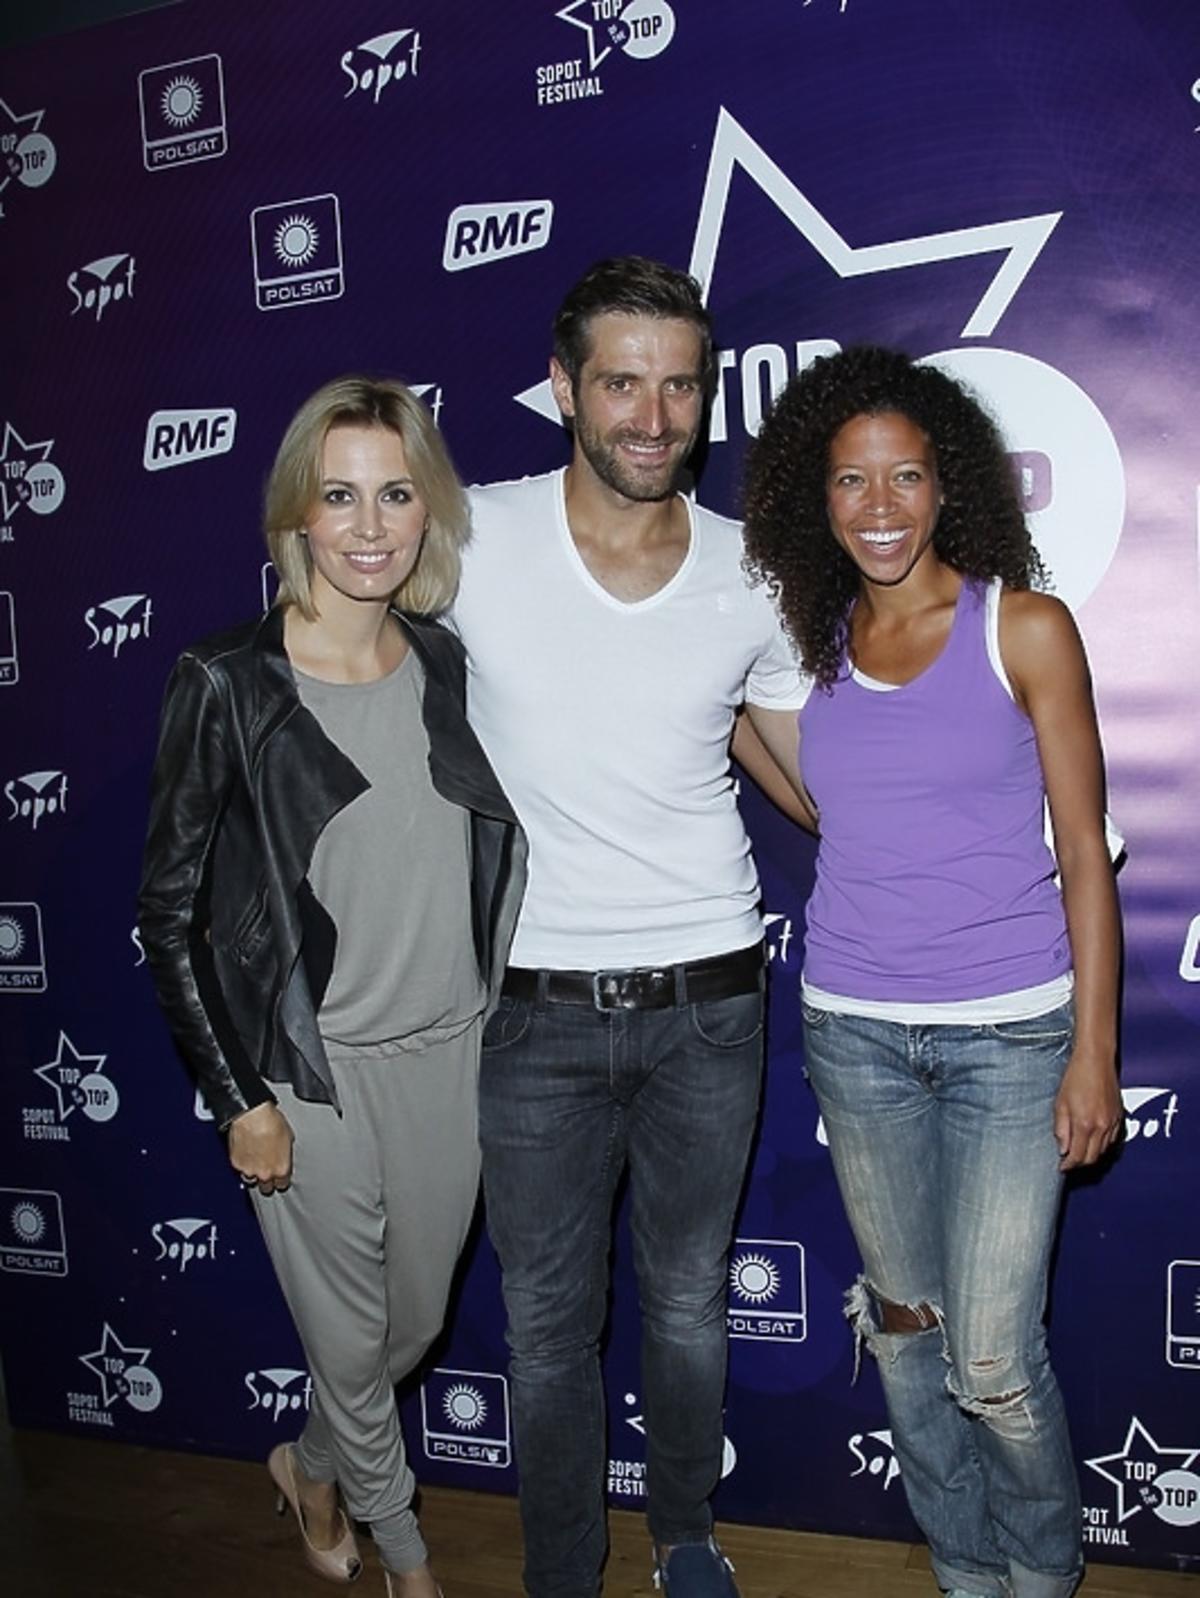 Agnieszka Popielewicz, Maciej Dowbor i Davina Reeves podczas konferencji Sopot Top of the Top Festival 2013